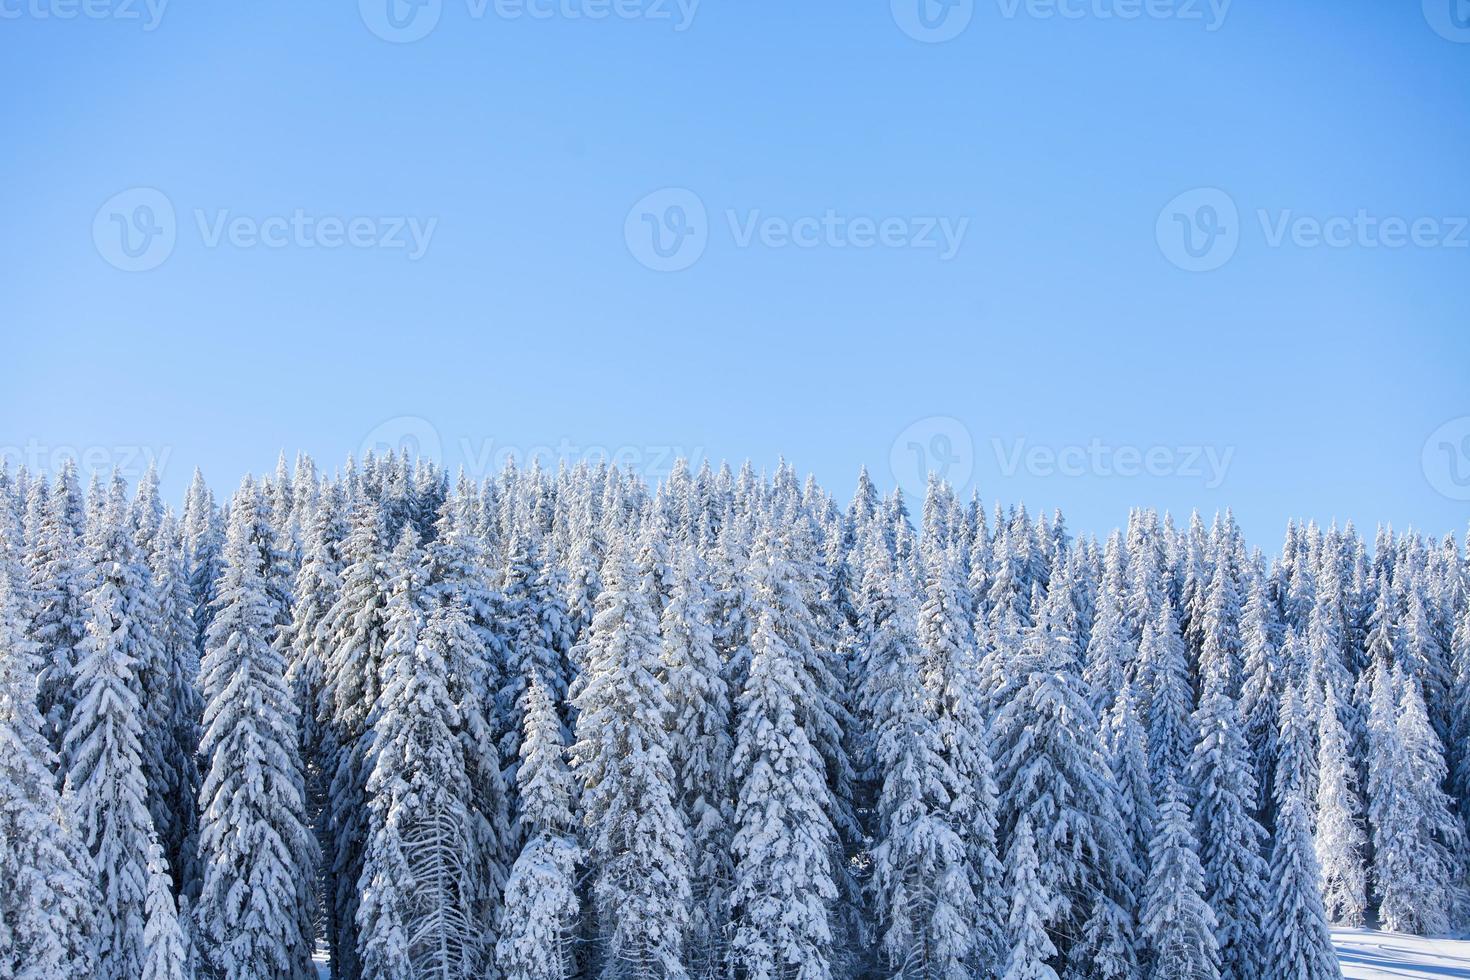 montagne en hiver photo